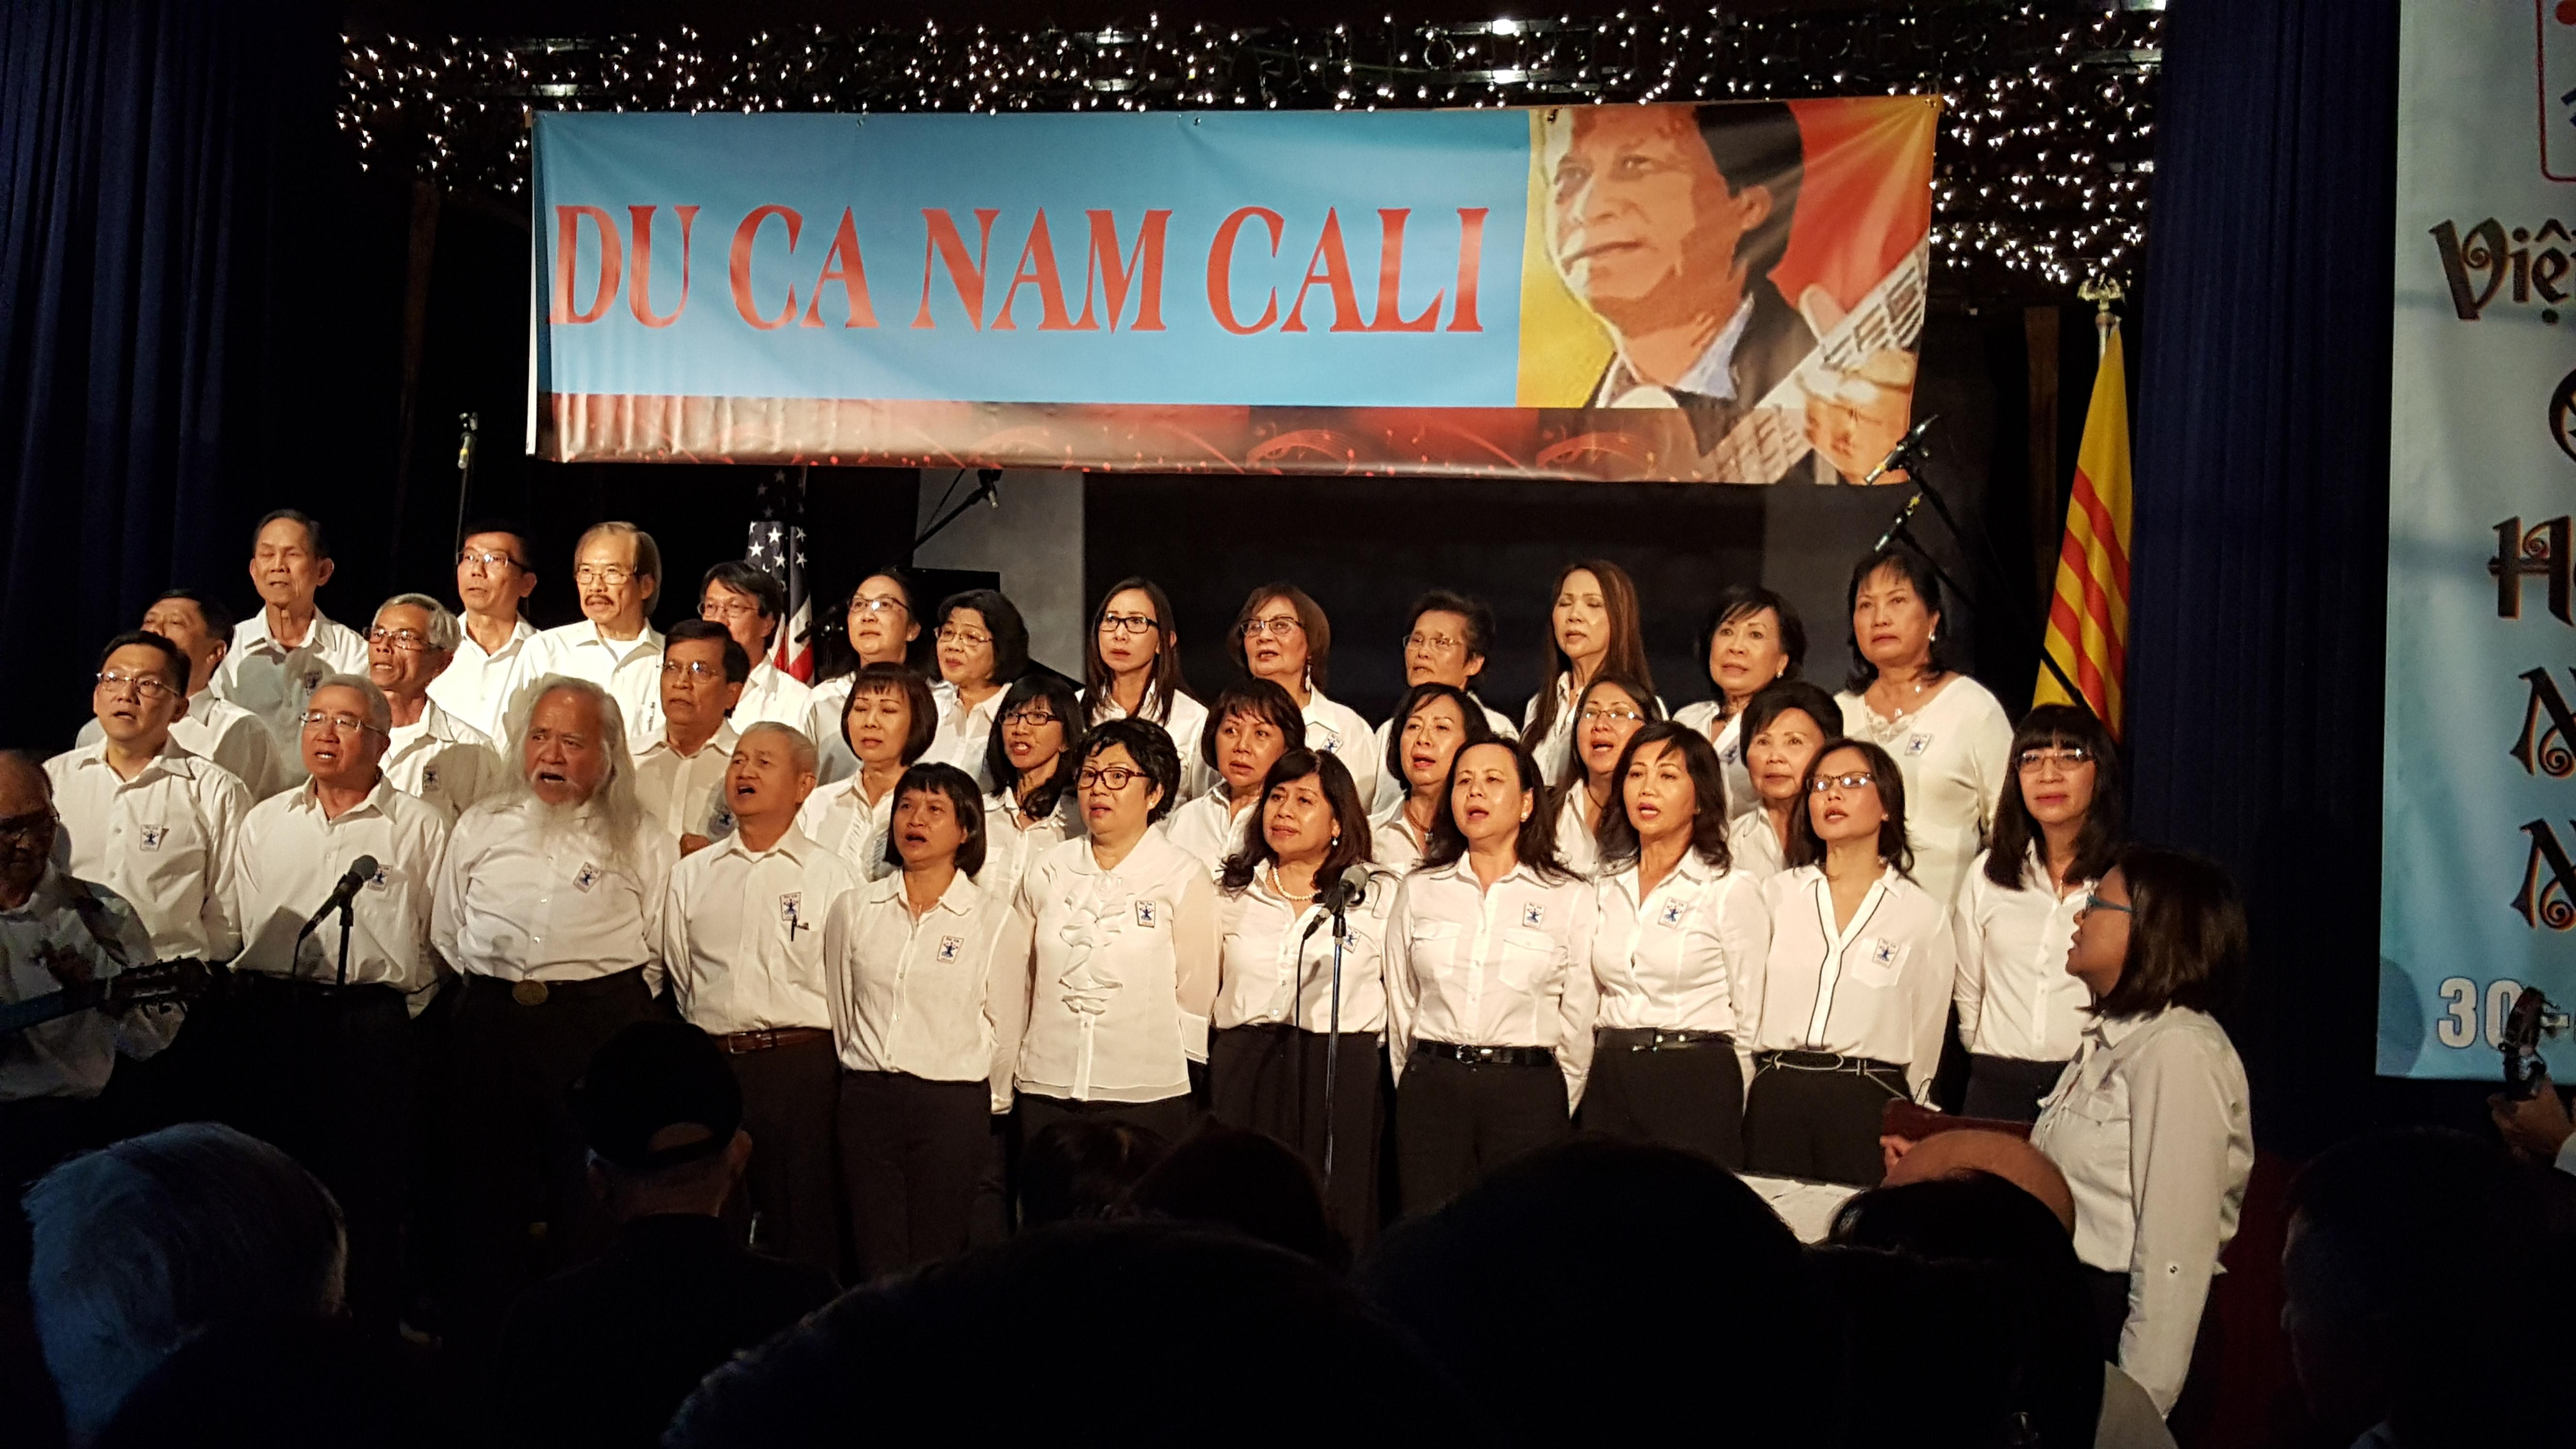 Đoàn Du Ca Nam Cali tổ chức chiều nhạc Du Ca tưởng niệm Tháng Tư Đen